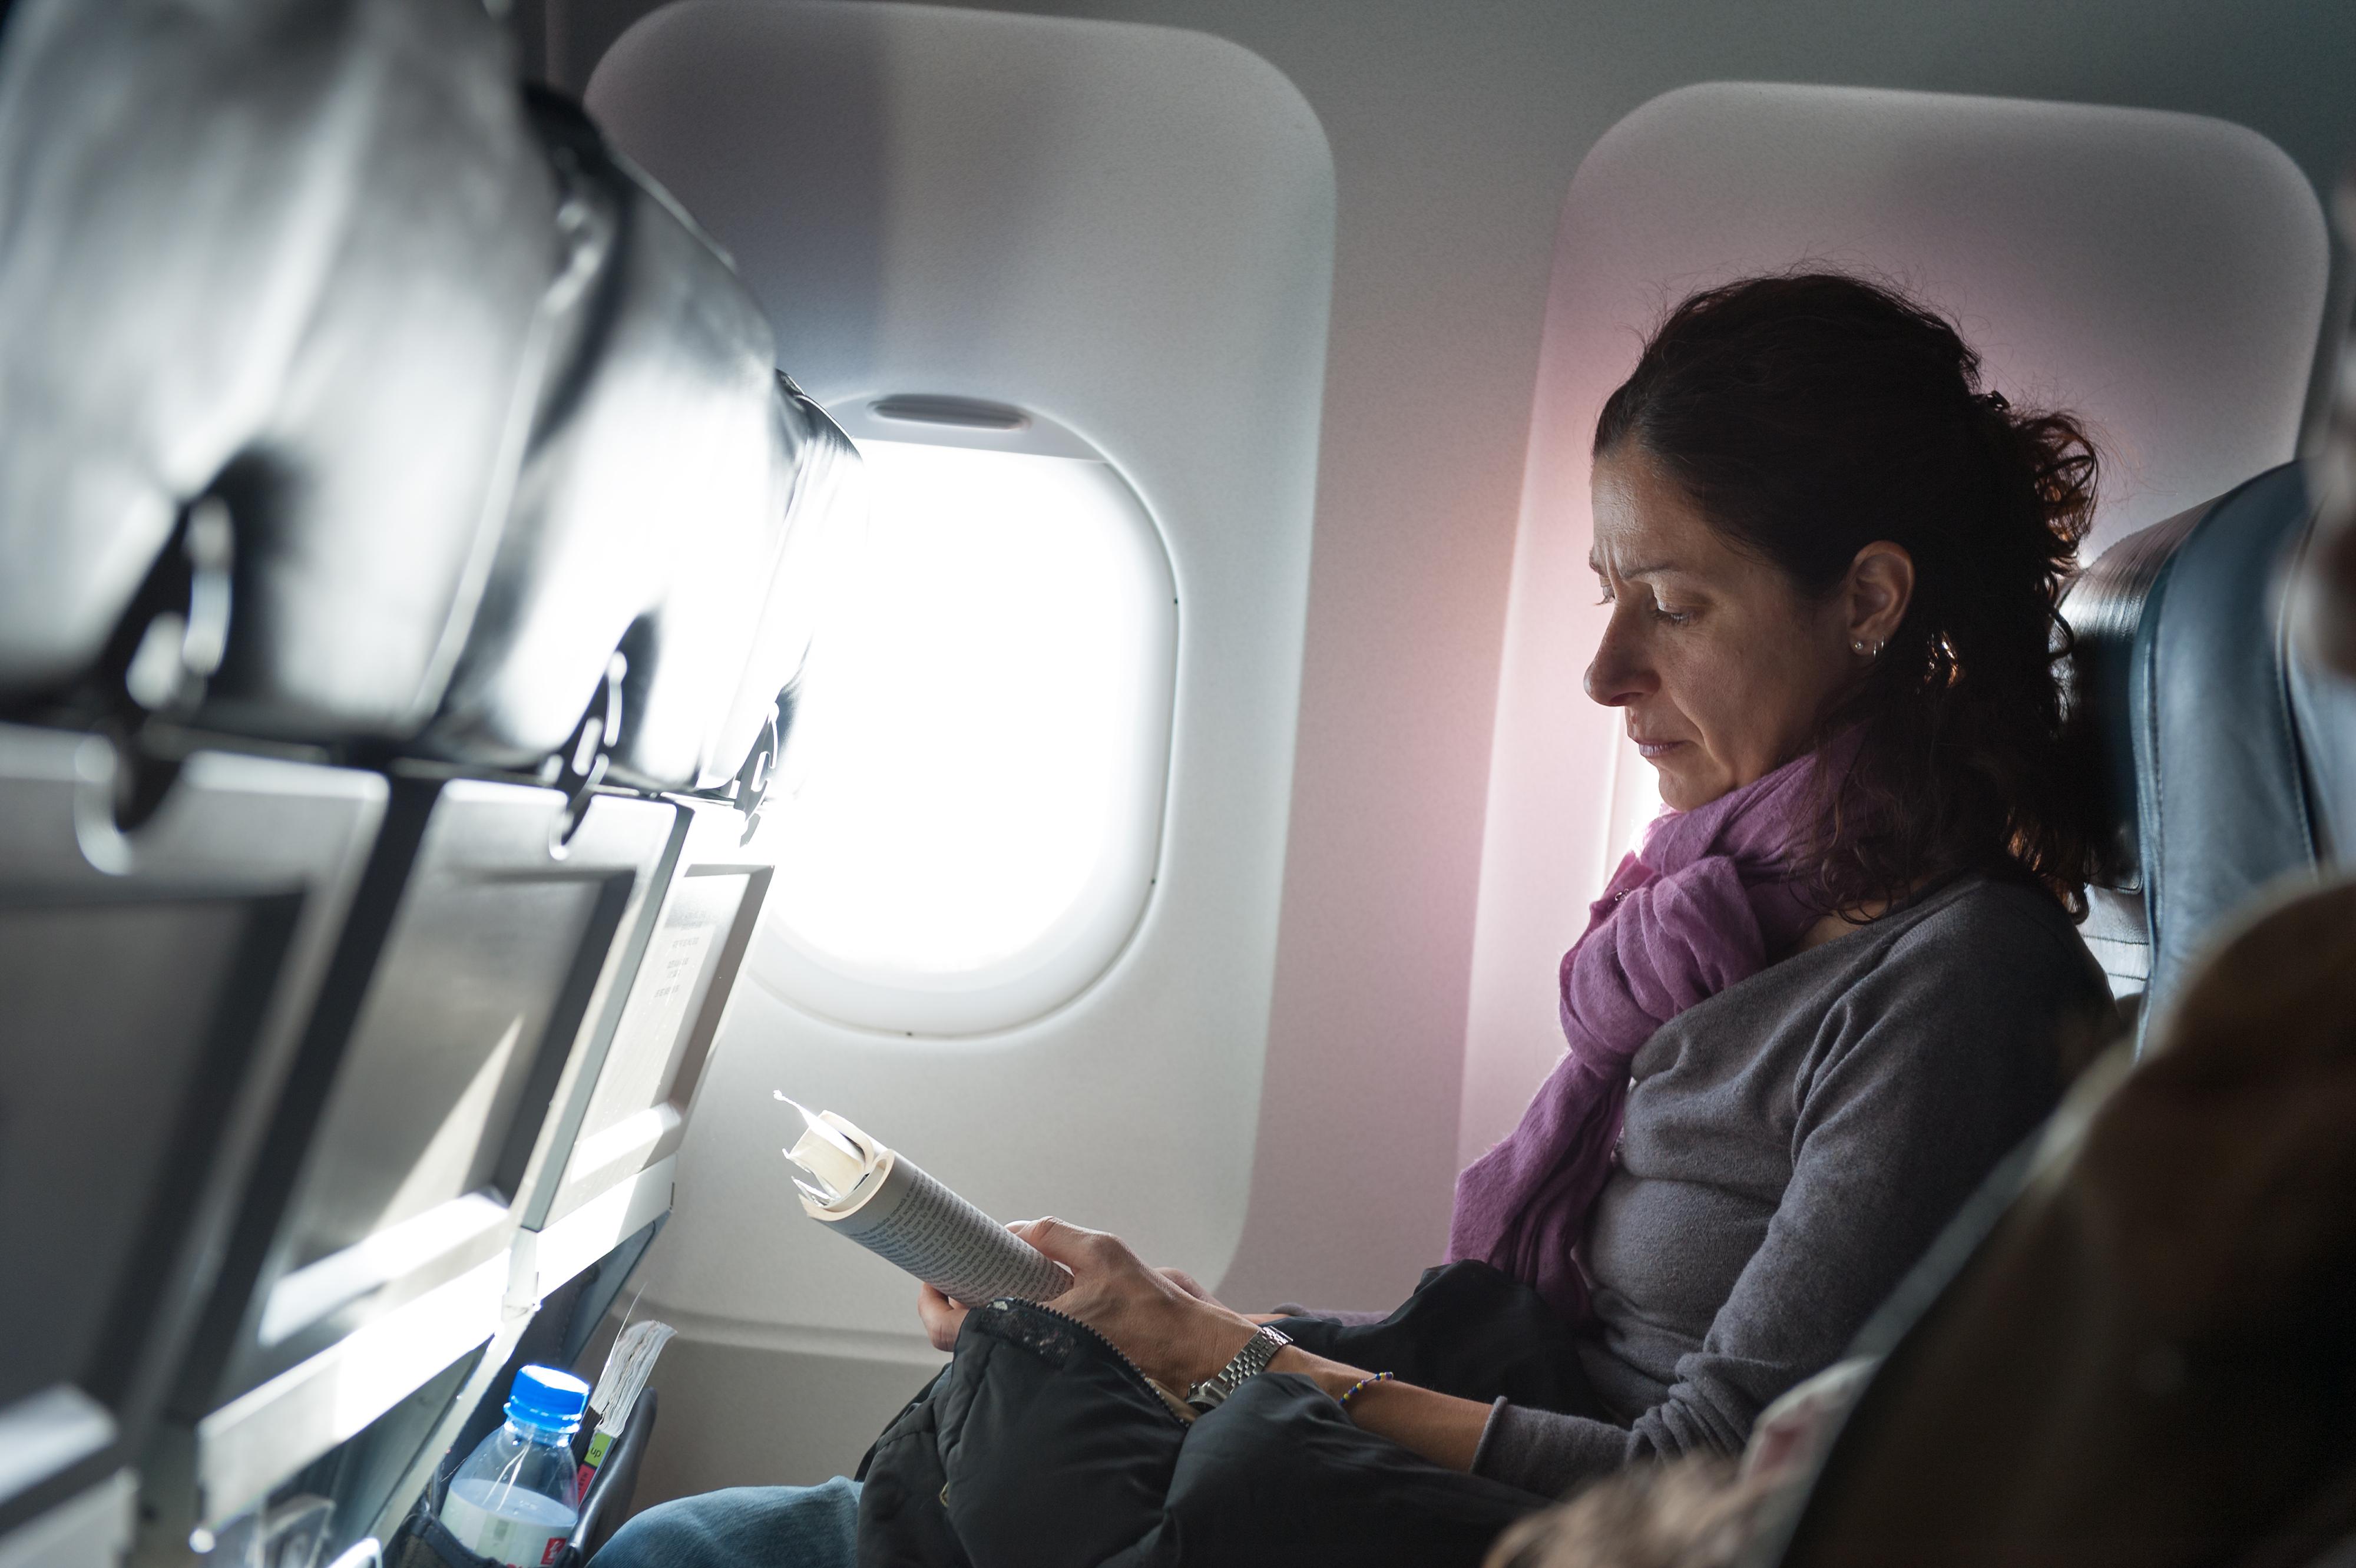 Att sitta för länge på till exempel en flygresa kan ge svullna ben och fötter.